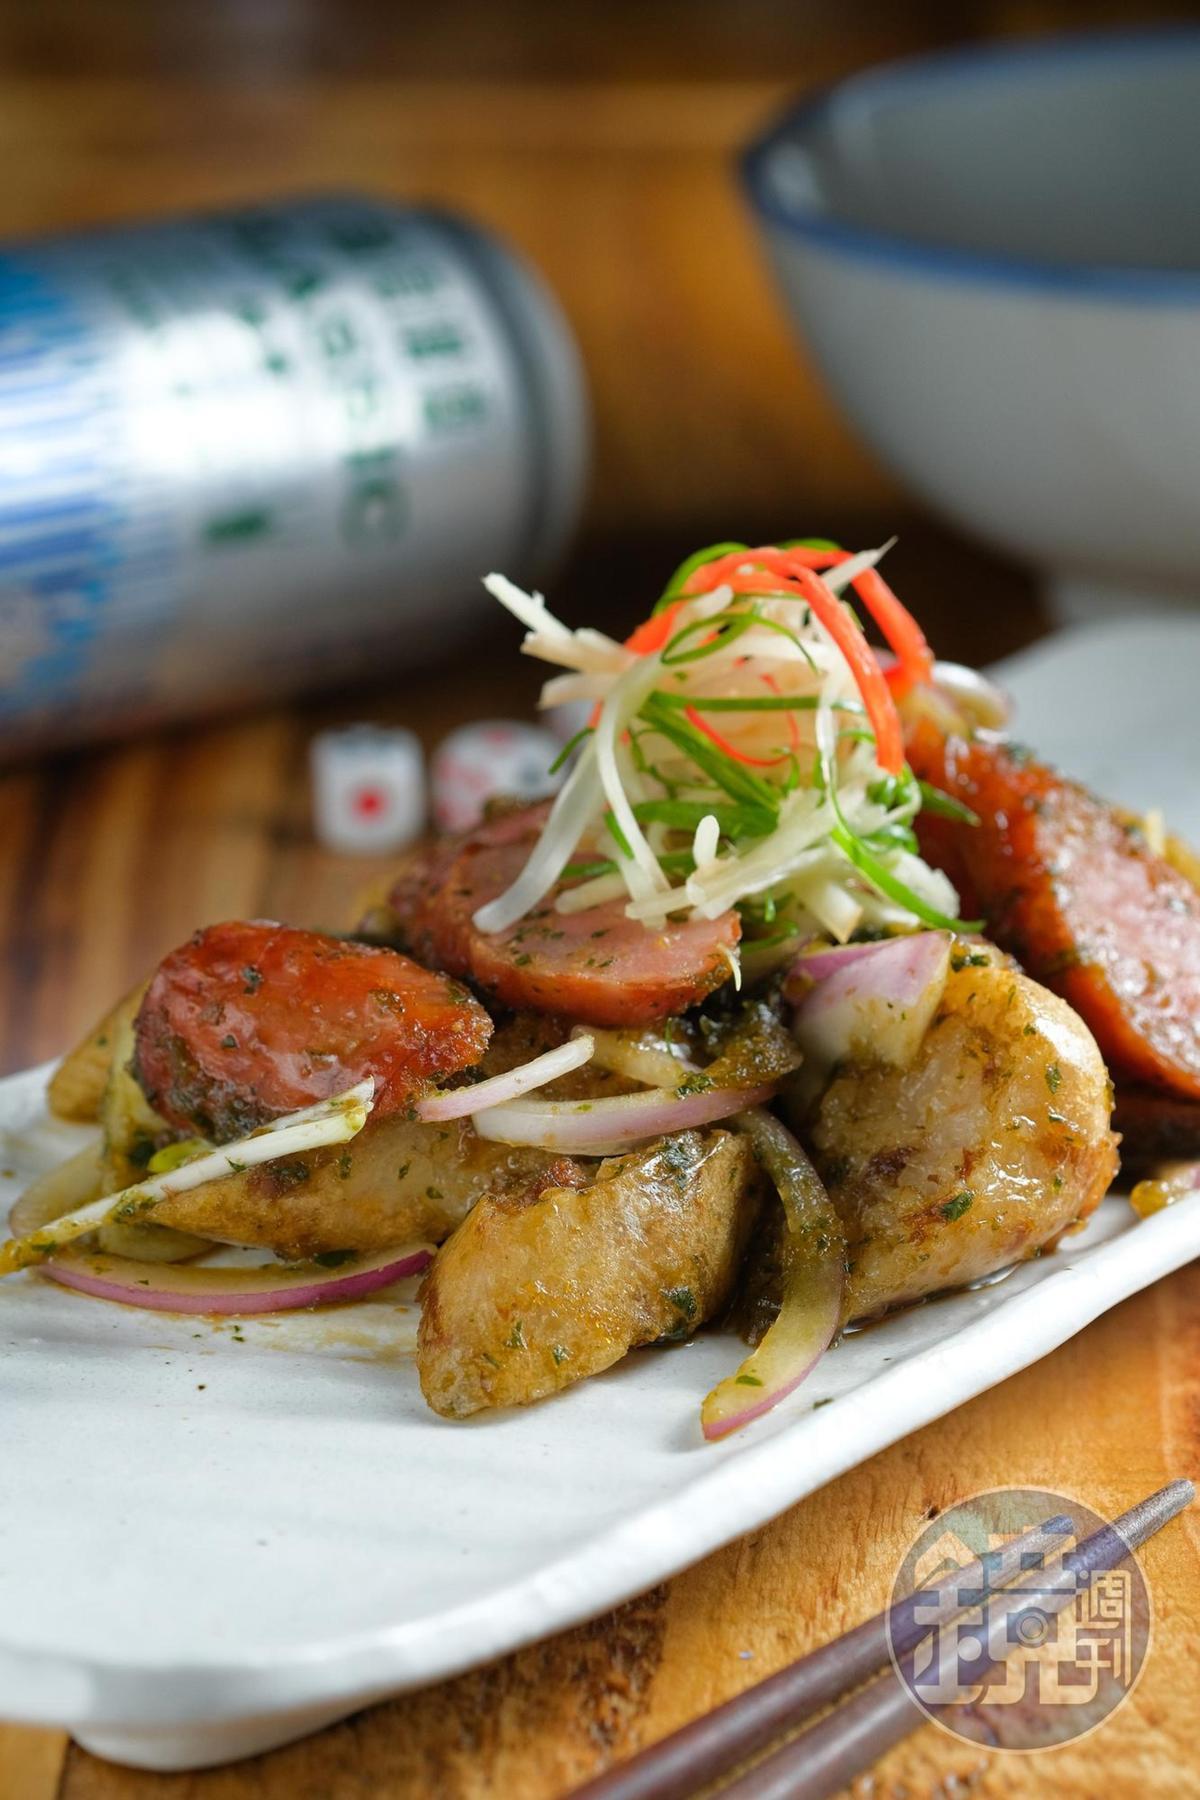 「硬腸弄軟腸」是炸過的糯米腸、香腸,再拌勻九層塔蒜蓉醬。(170元/份)